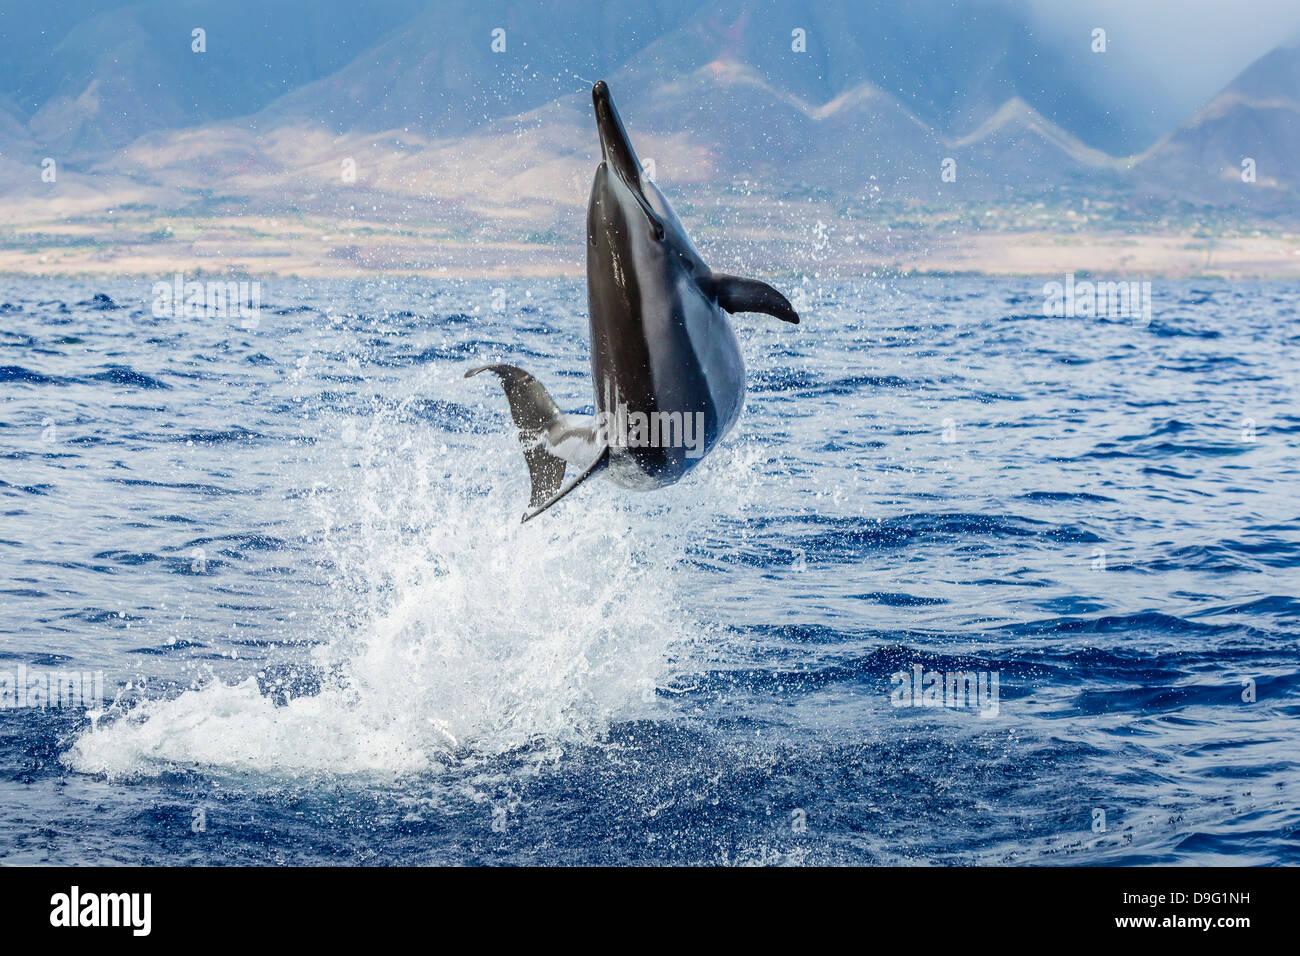 Hawaiian delfines (Stenella longirostris), canal AuAu, Maui, Hawai, Estados Unidos de América Imagen De Stock